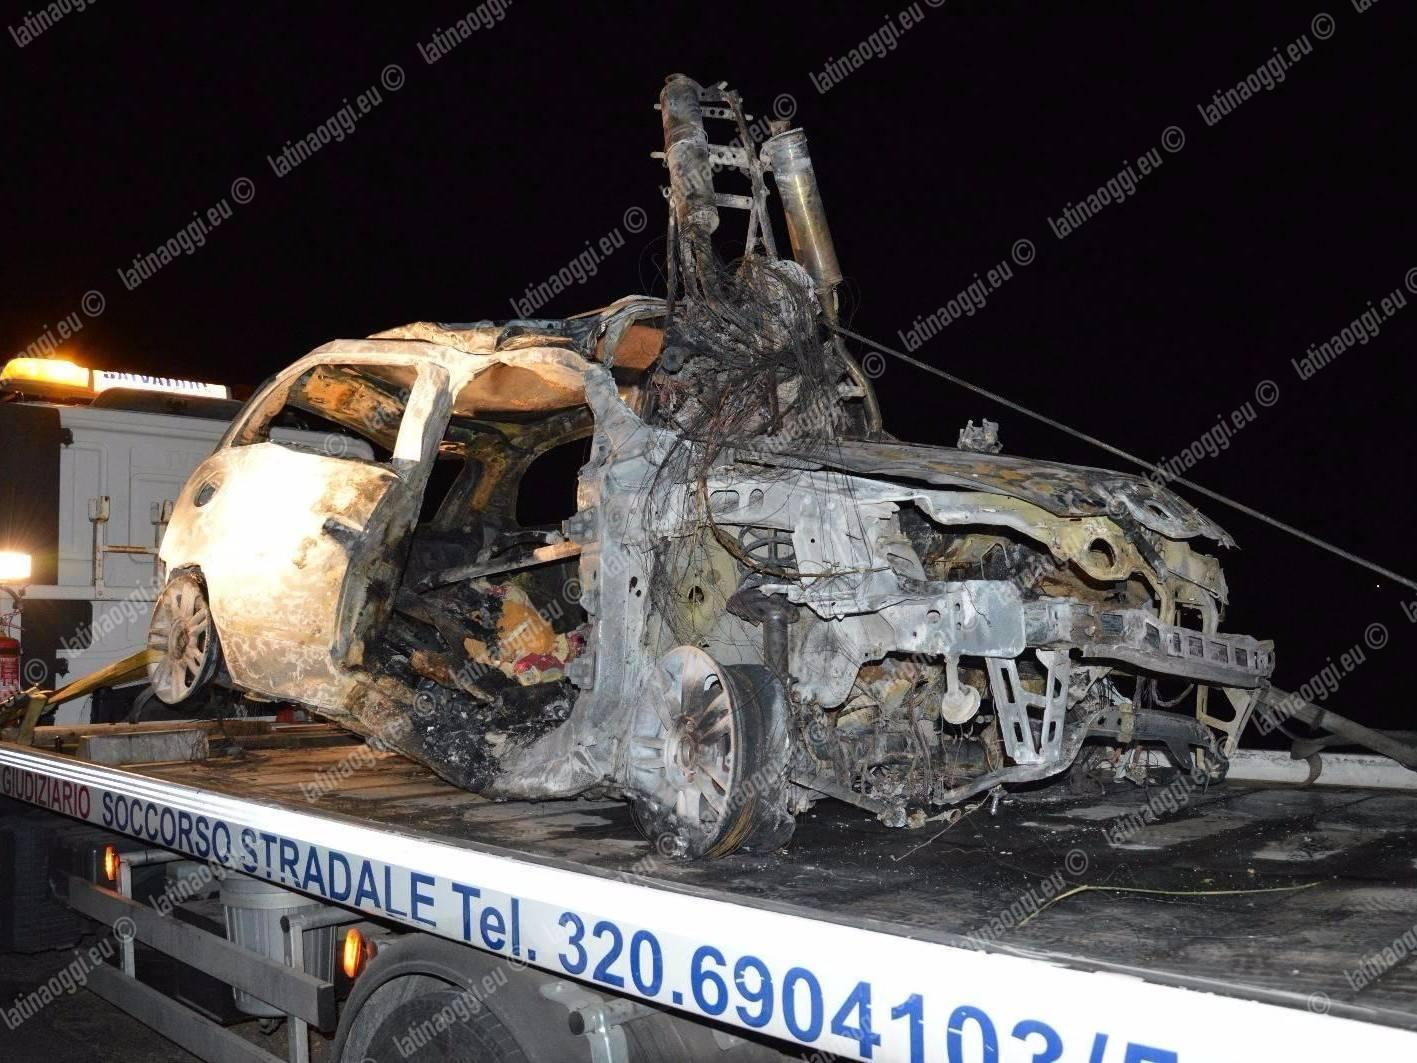 Impatto frontale: tra le fiamme due morti carbonizzati